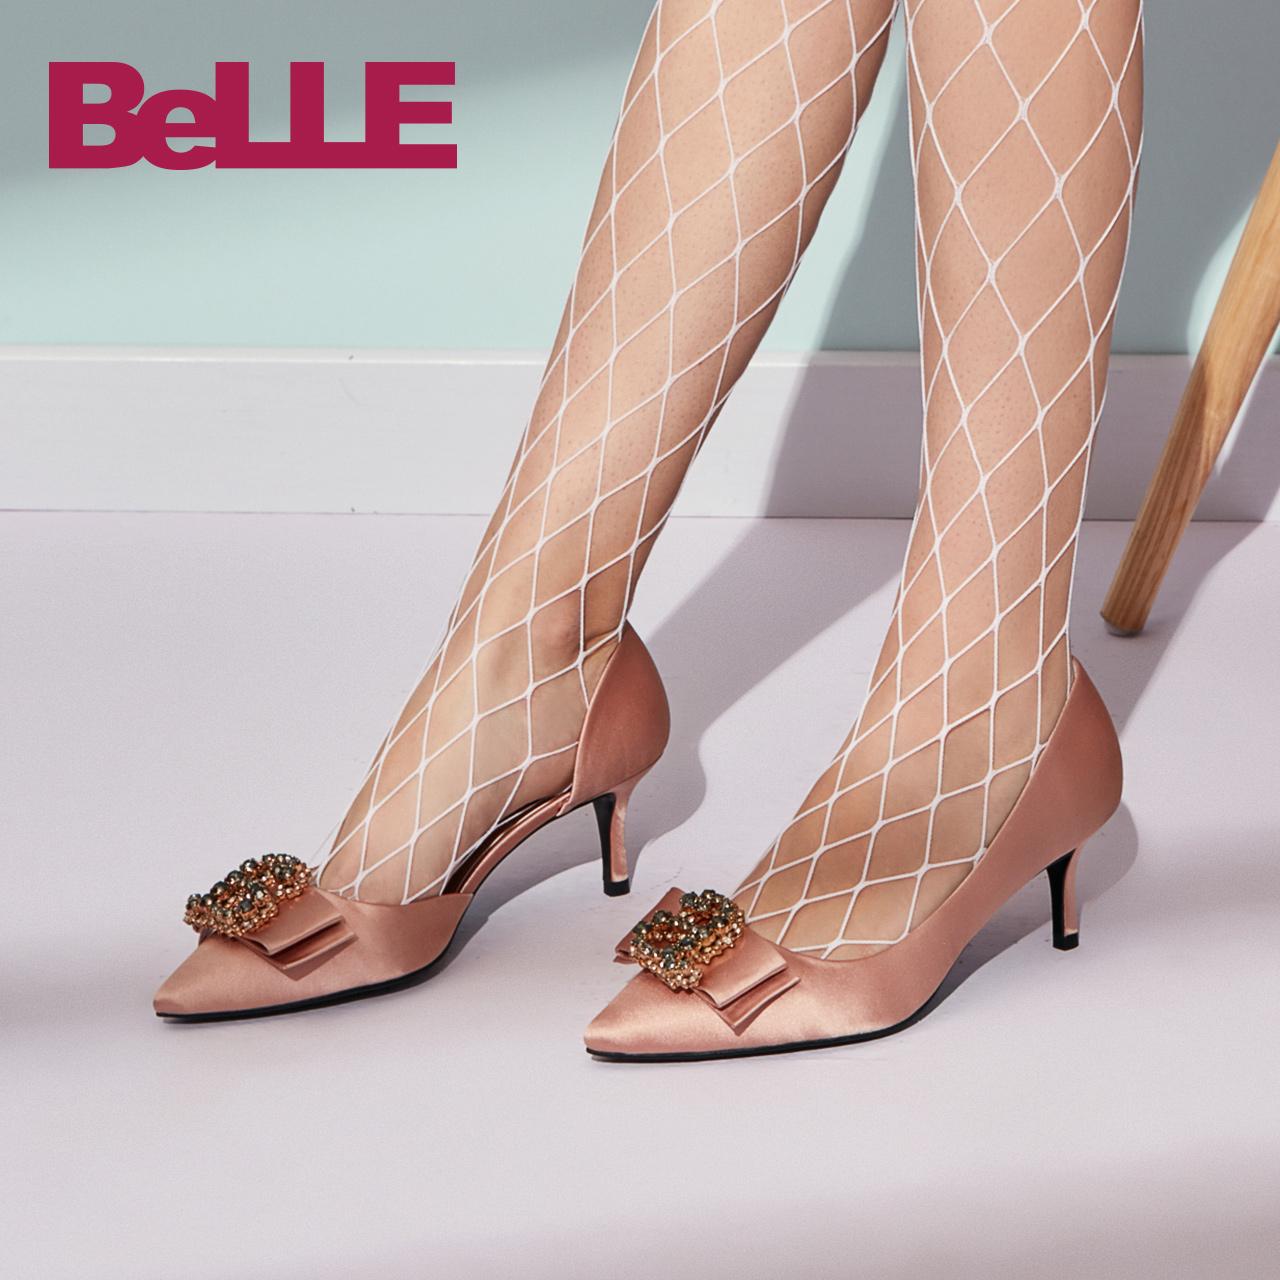 Belle-百丽凉鞋2018春新款款缎面尖头浅口细高跟女鞋BYCB7AK8